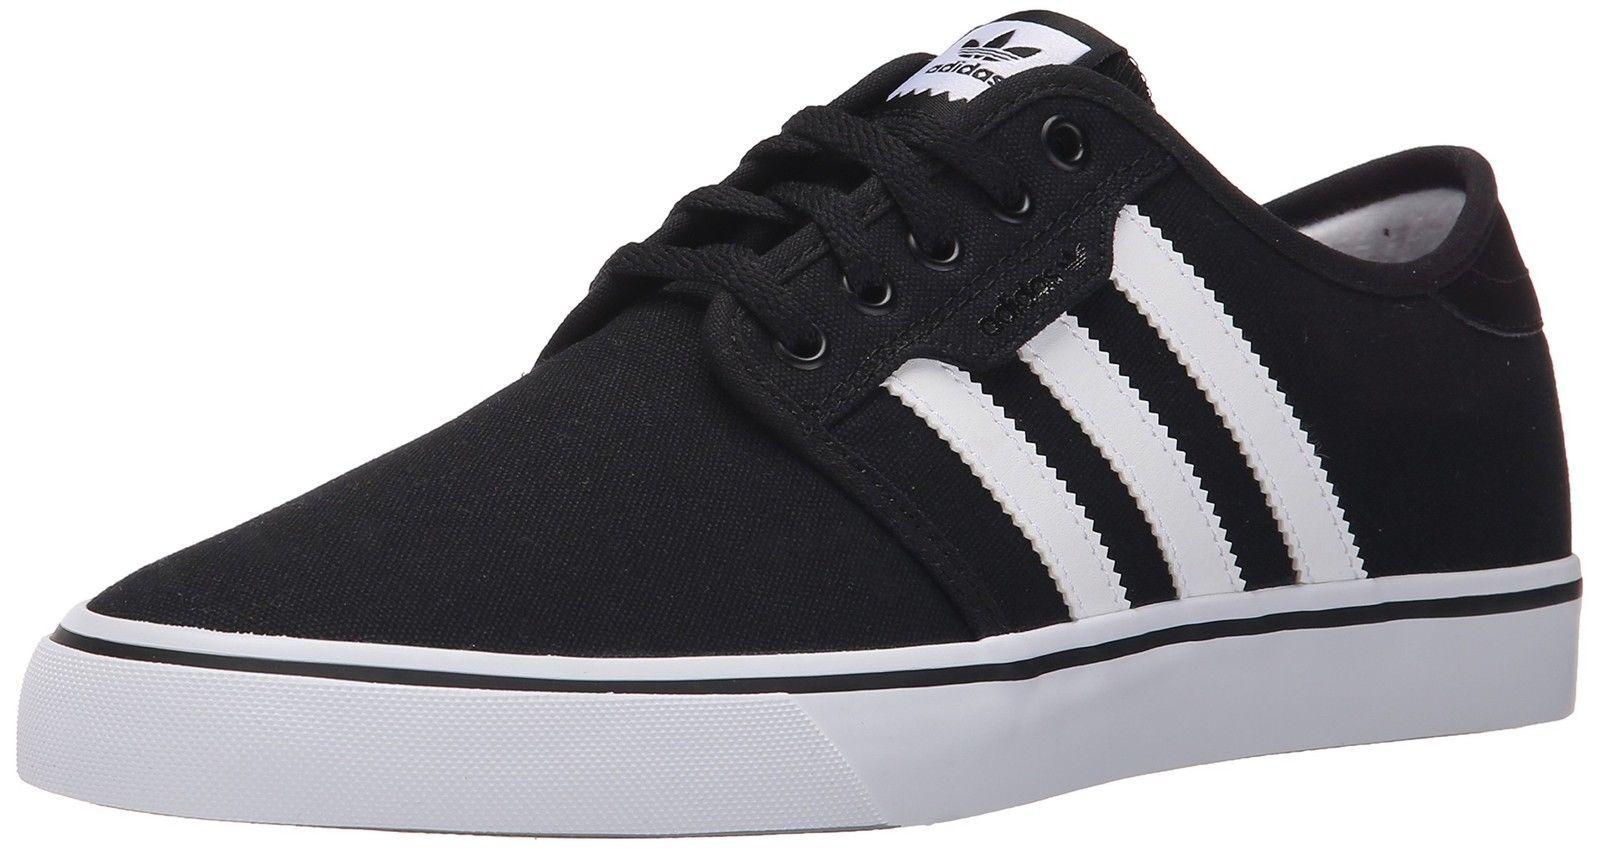 adidas seeley schwarz / weiß schuhe - skateboard - mens schuhe weiß f37427 neue schnelle lieferung 6ab72a